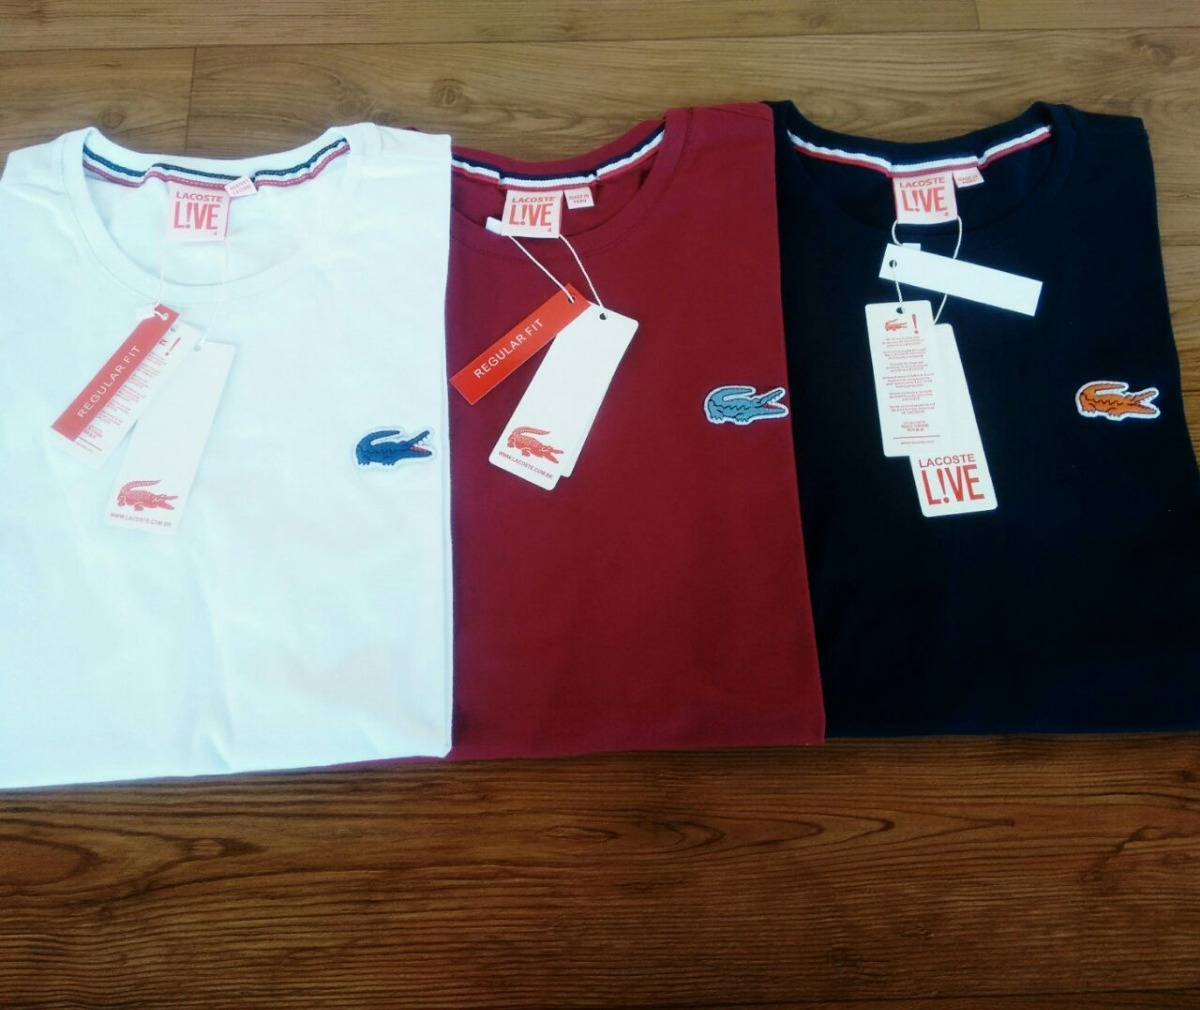 bae84fcbe3a6b Camiseta Lacoste Live Importadas Peruanas 2 Unidades - R  69,90 em ...